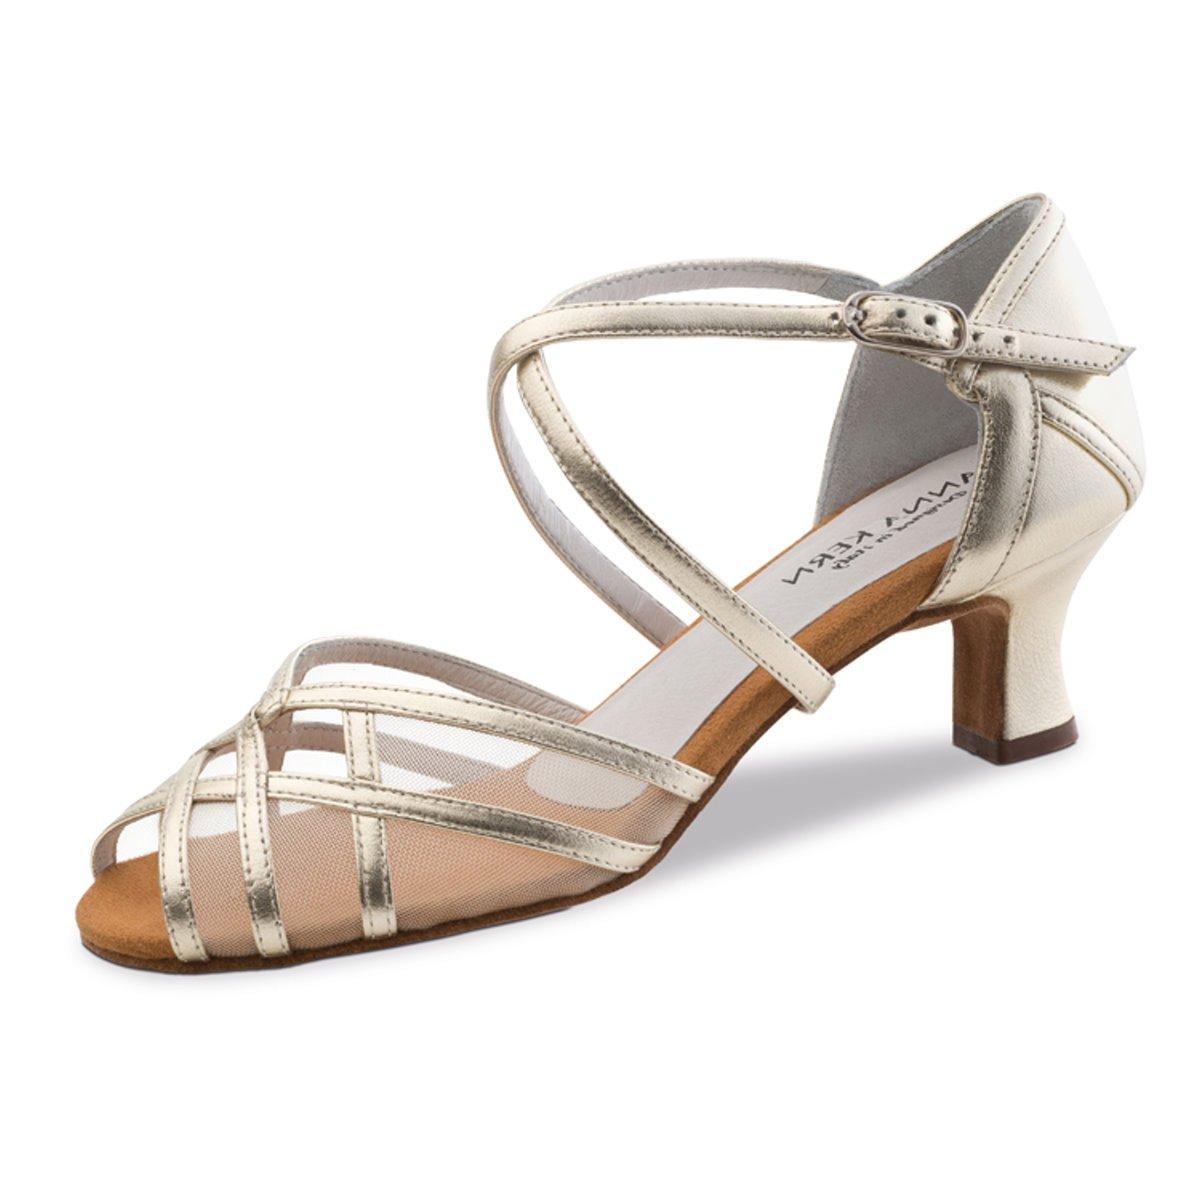 Anna Kern Mujeres Zapatos de Baile 580-50 - Cuero Cuero Cuero Oro - 5 cm 4de0de